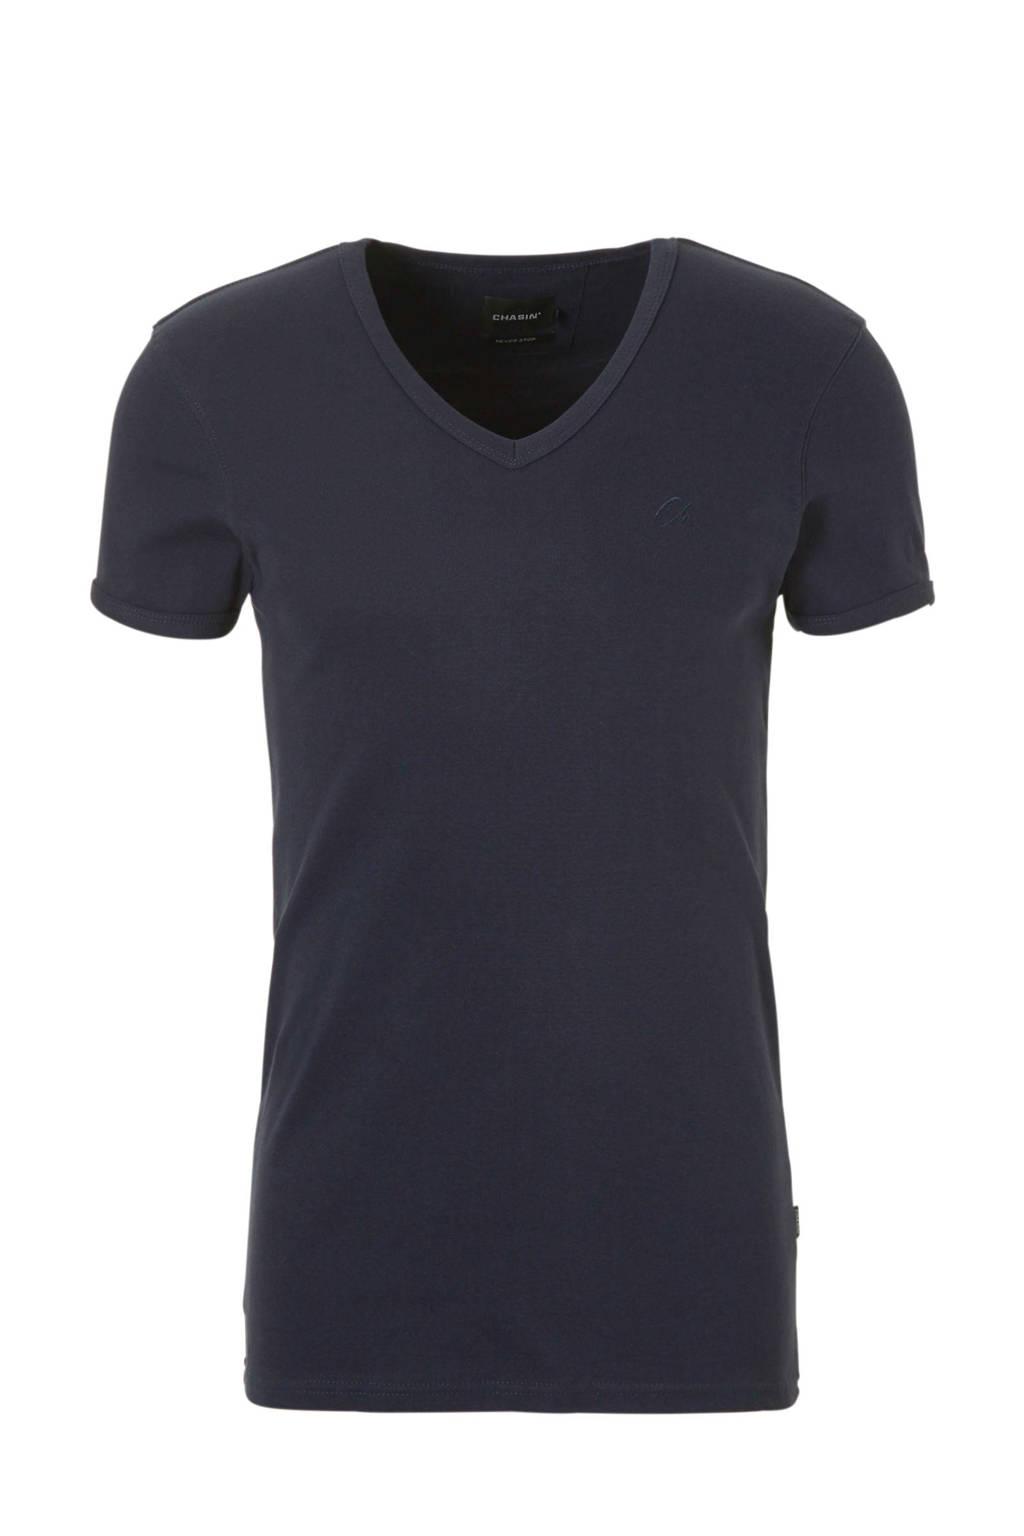 Chasin' T-shirt, Donkerblauw